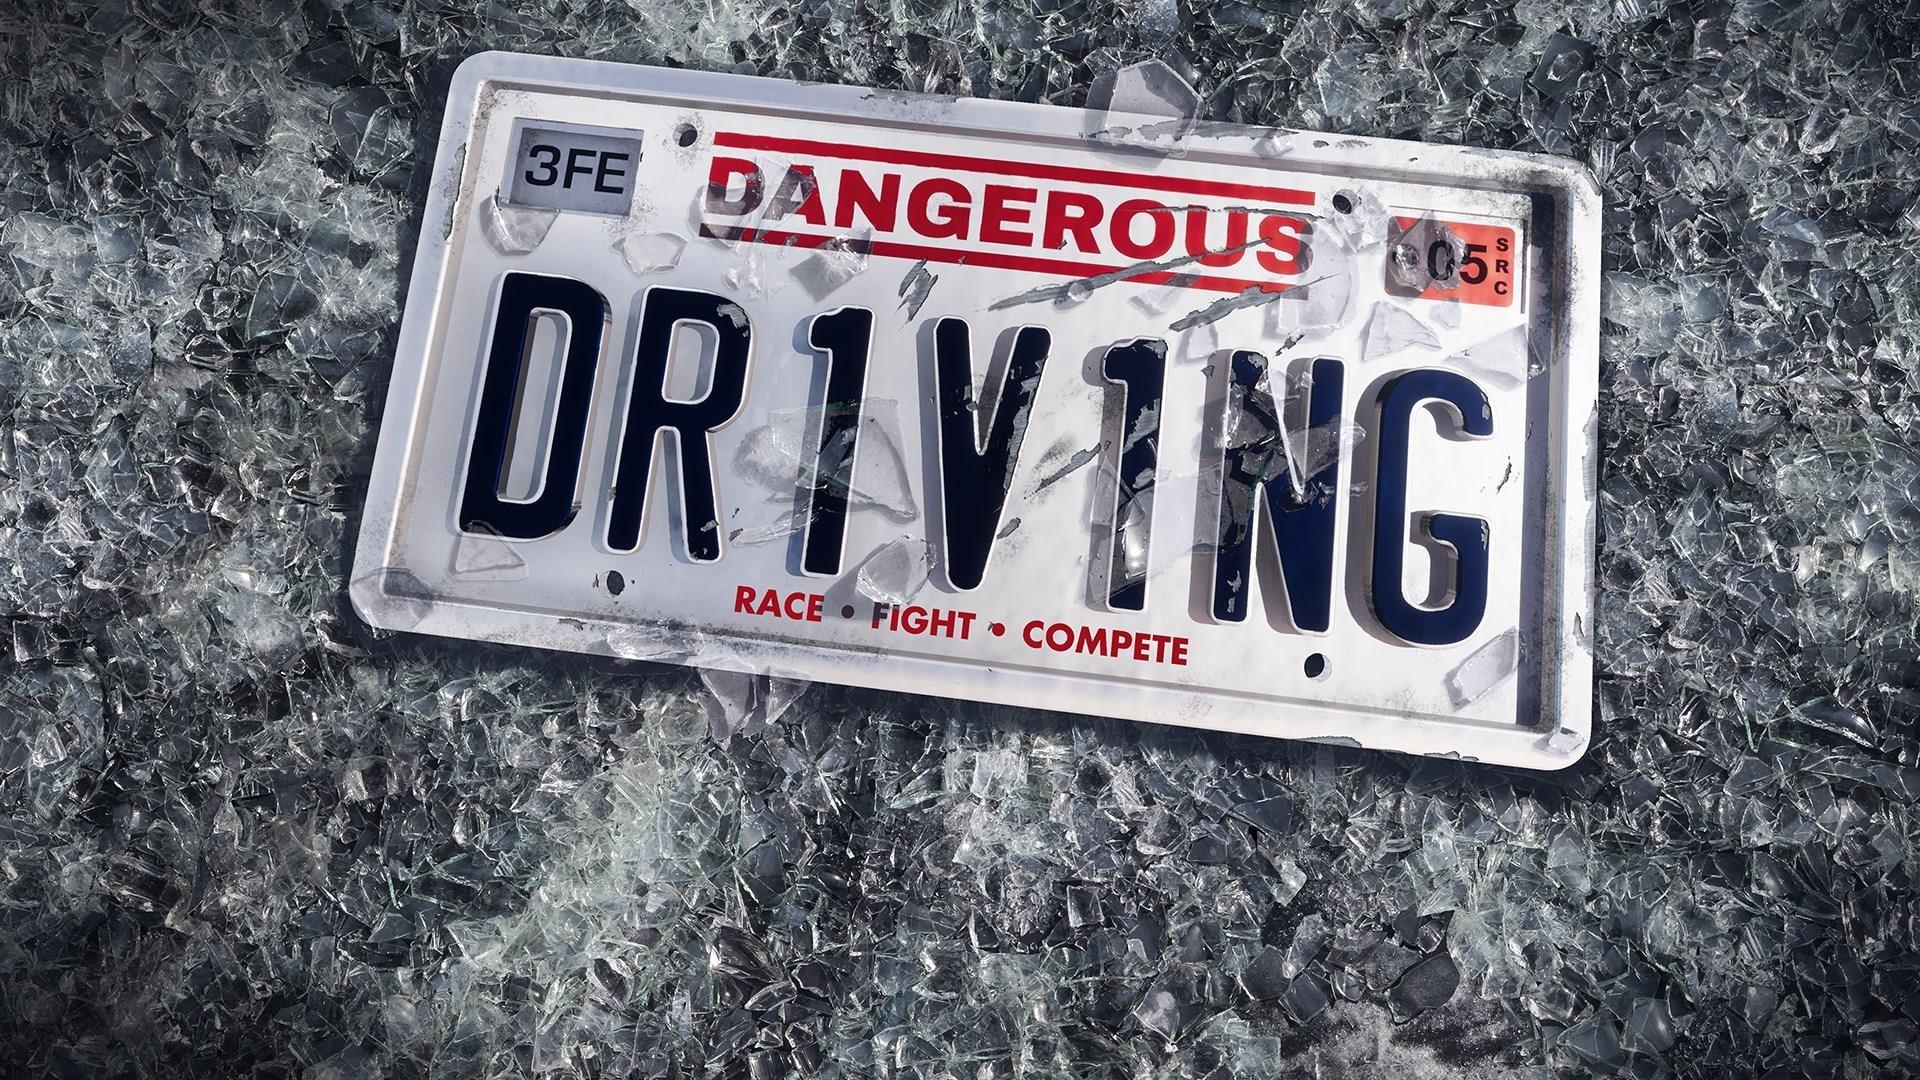 Dangerous Driving Achievement List Revealed 1920x1080